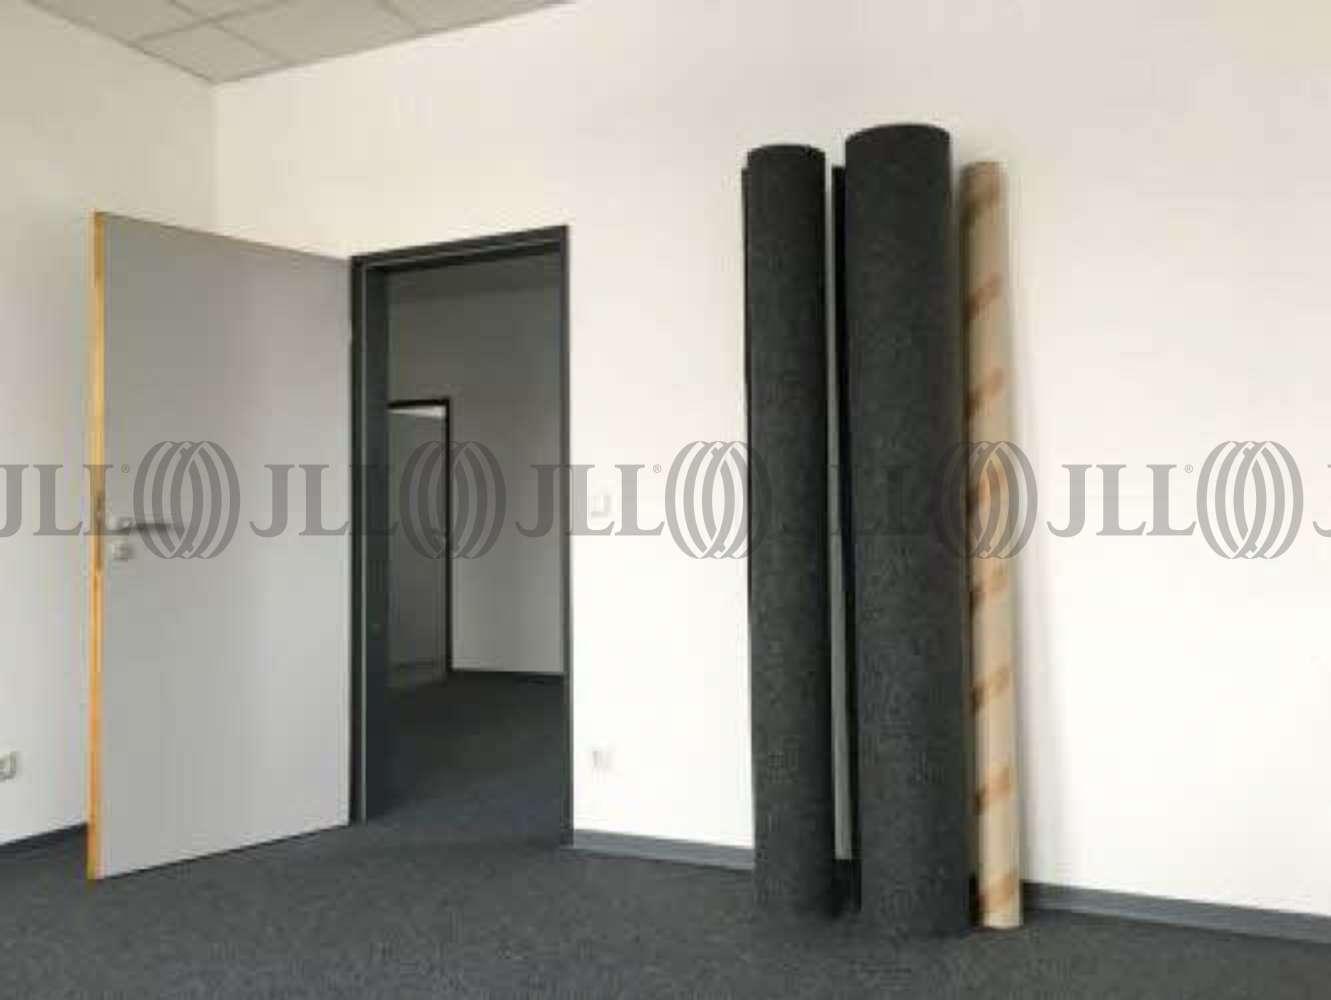 Büros Langenhagen, 30855 - Büro - Langenhagen, Godshorn - H1079 - 9410523